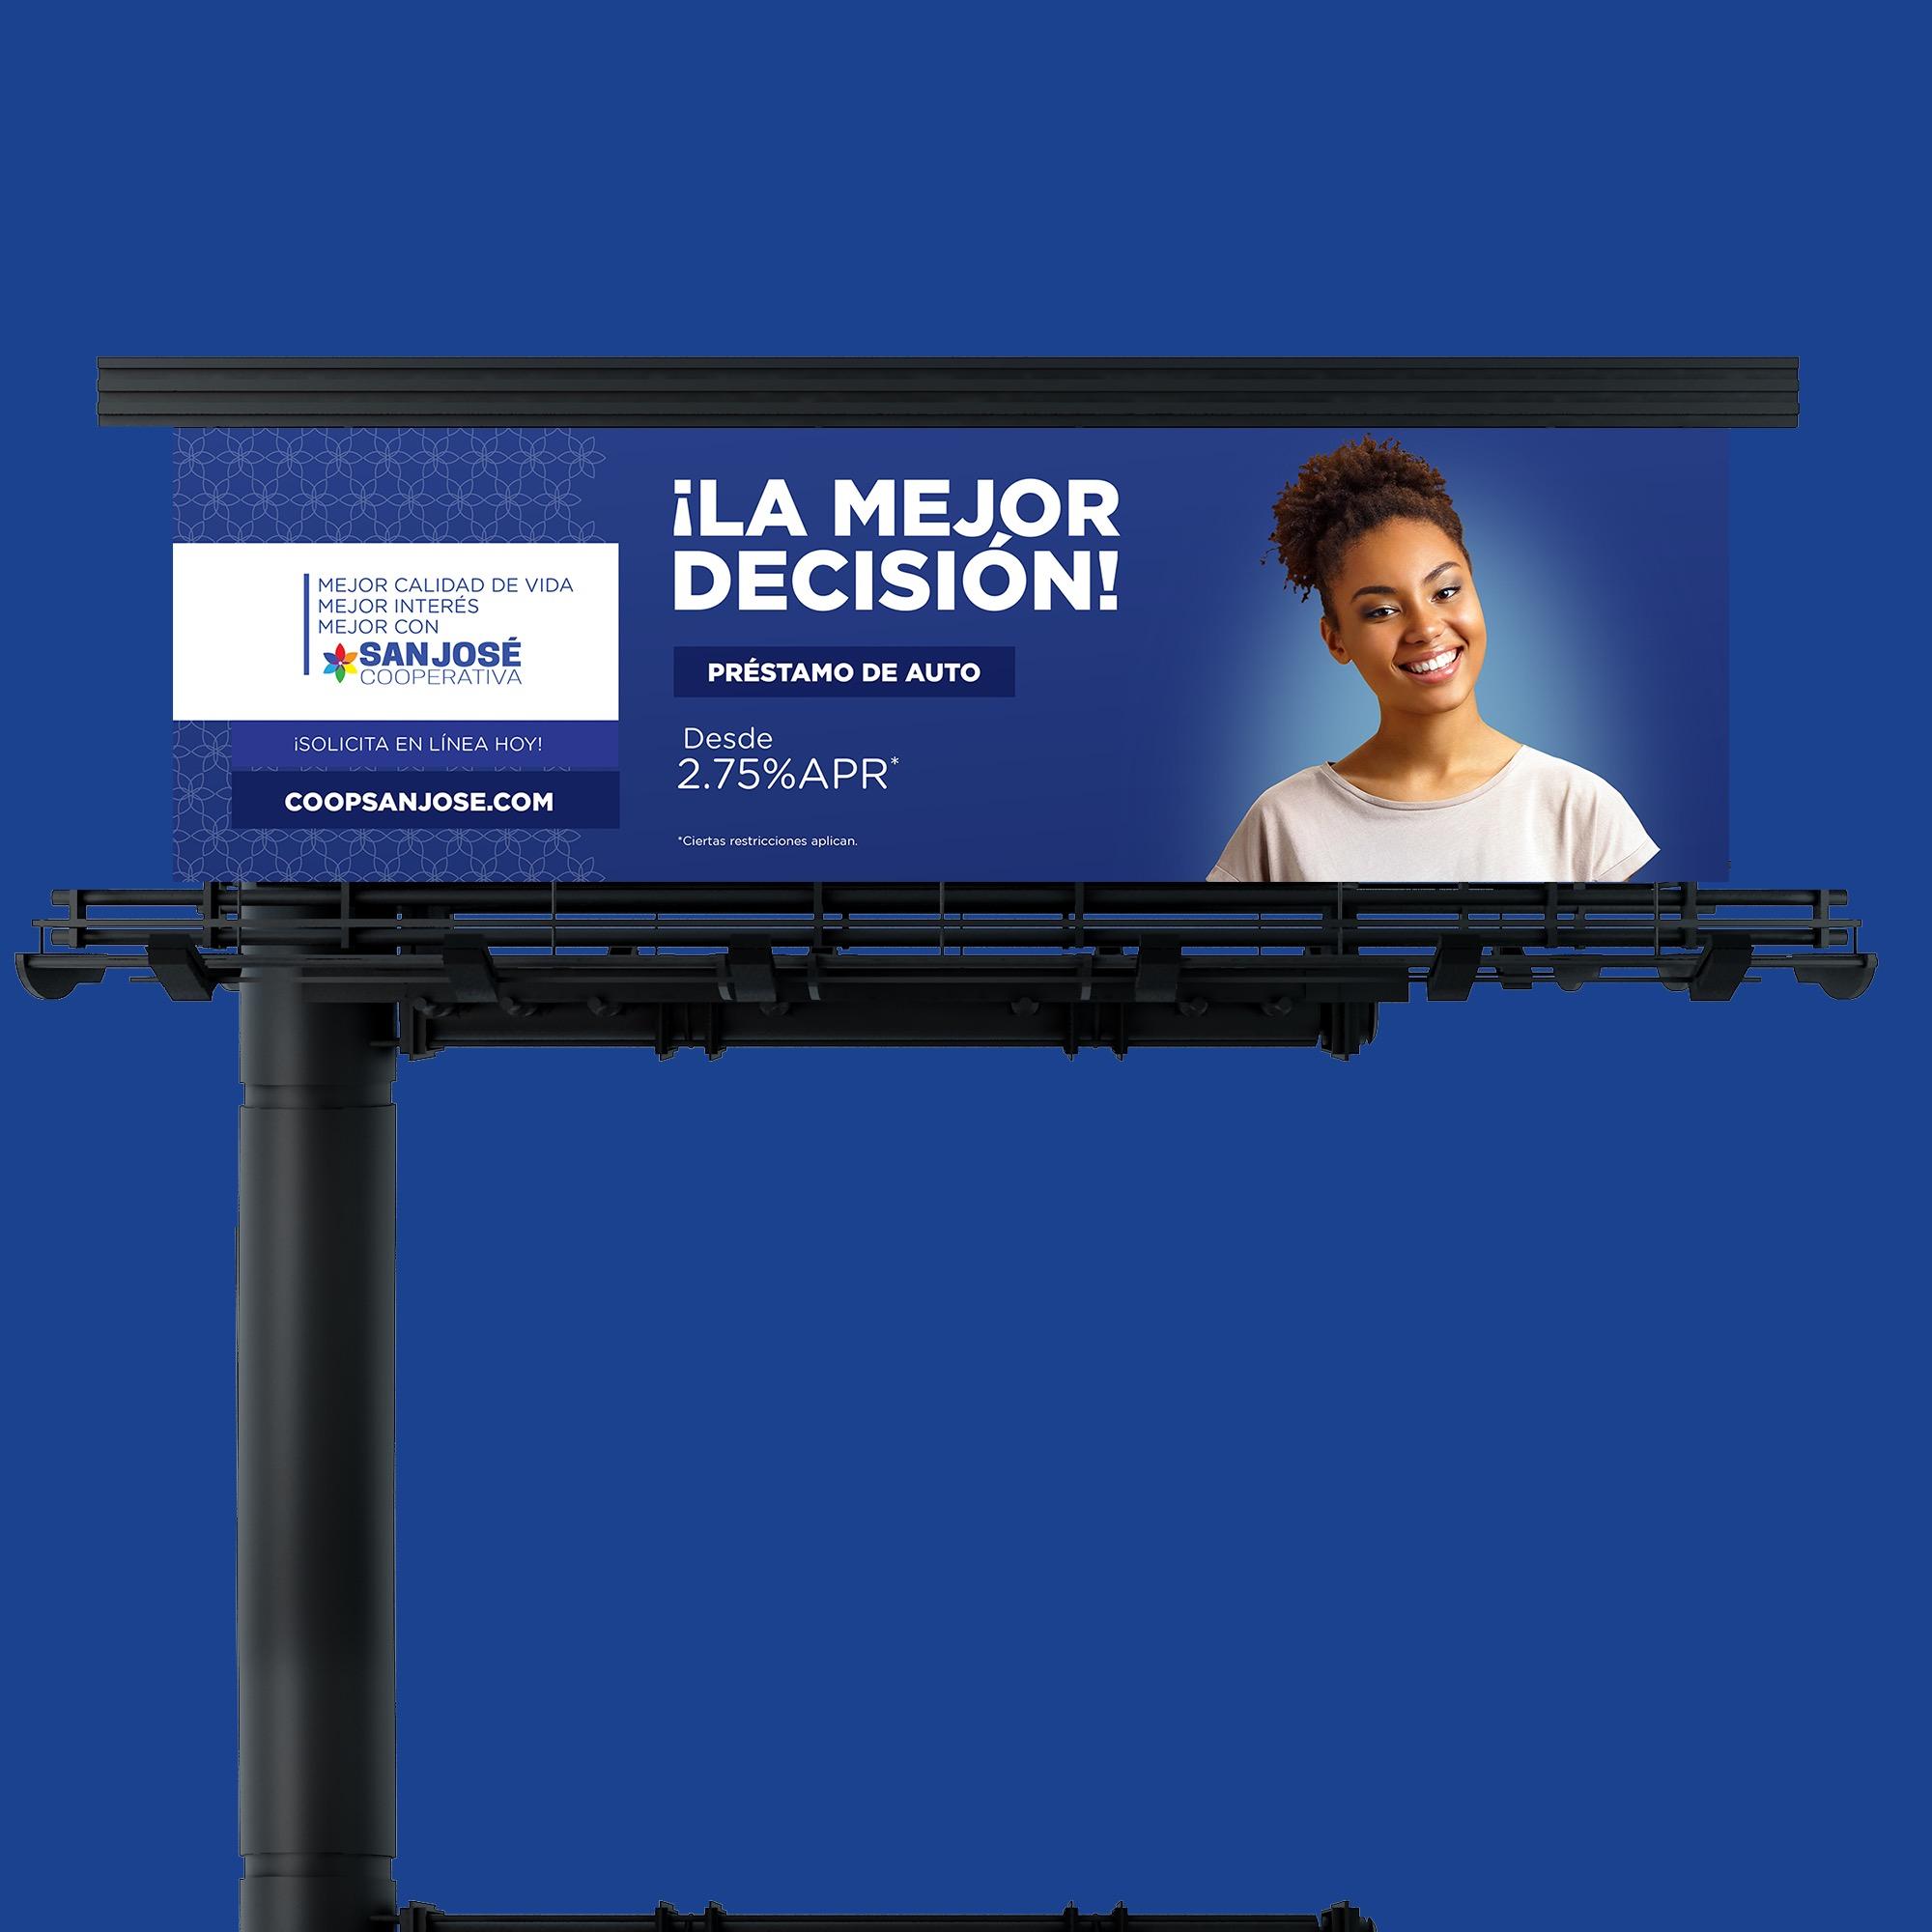 BM_WEB_MOCKUP_MAYO_1BM_WEB_MOCKUP_LA_MEJOR_DESICIÓN_CSJ